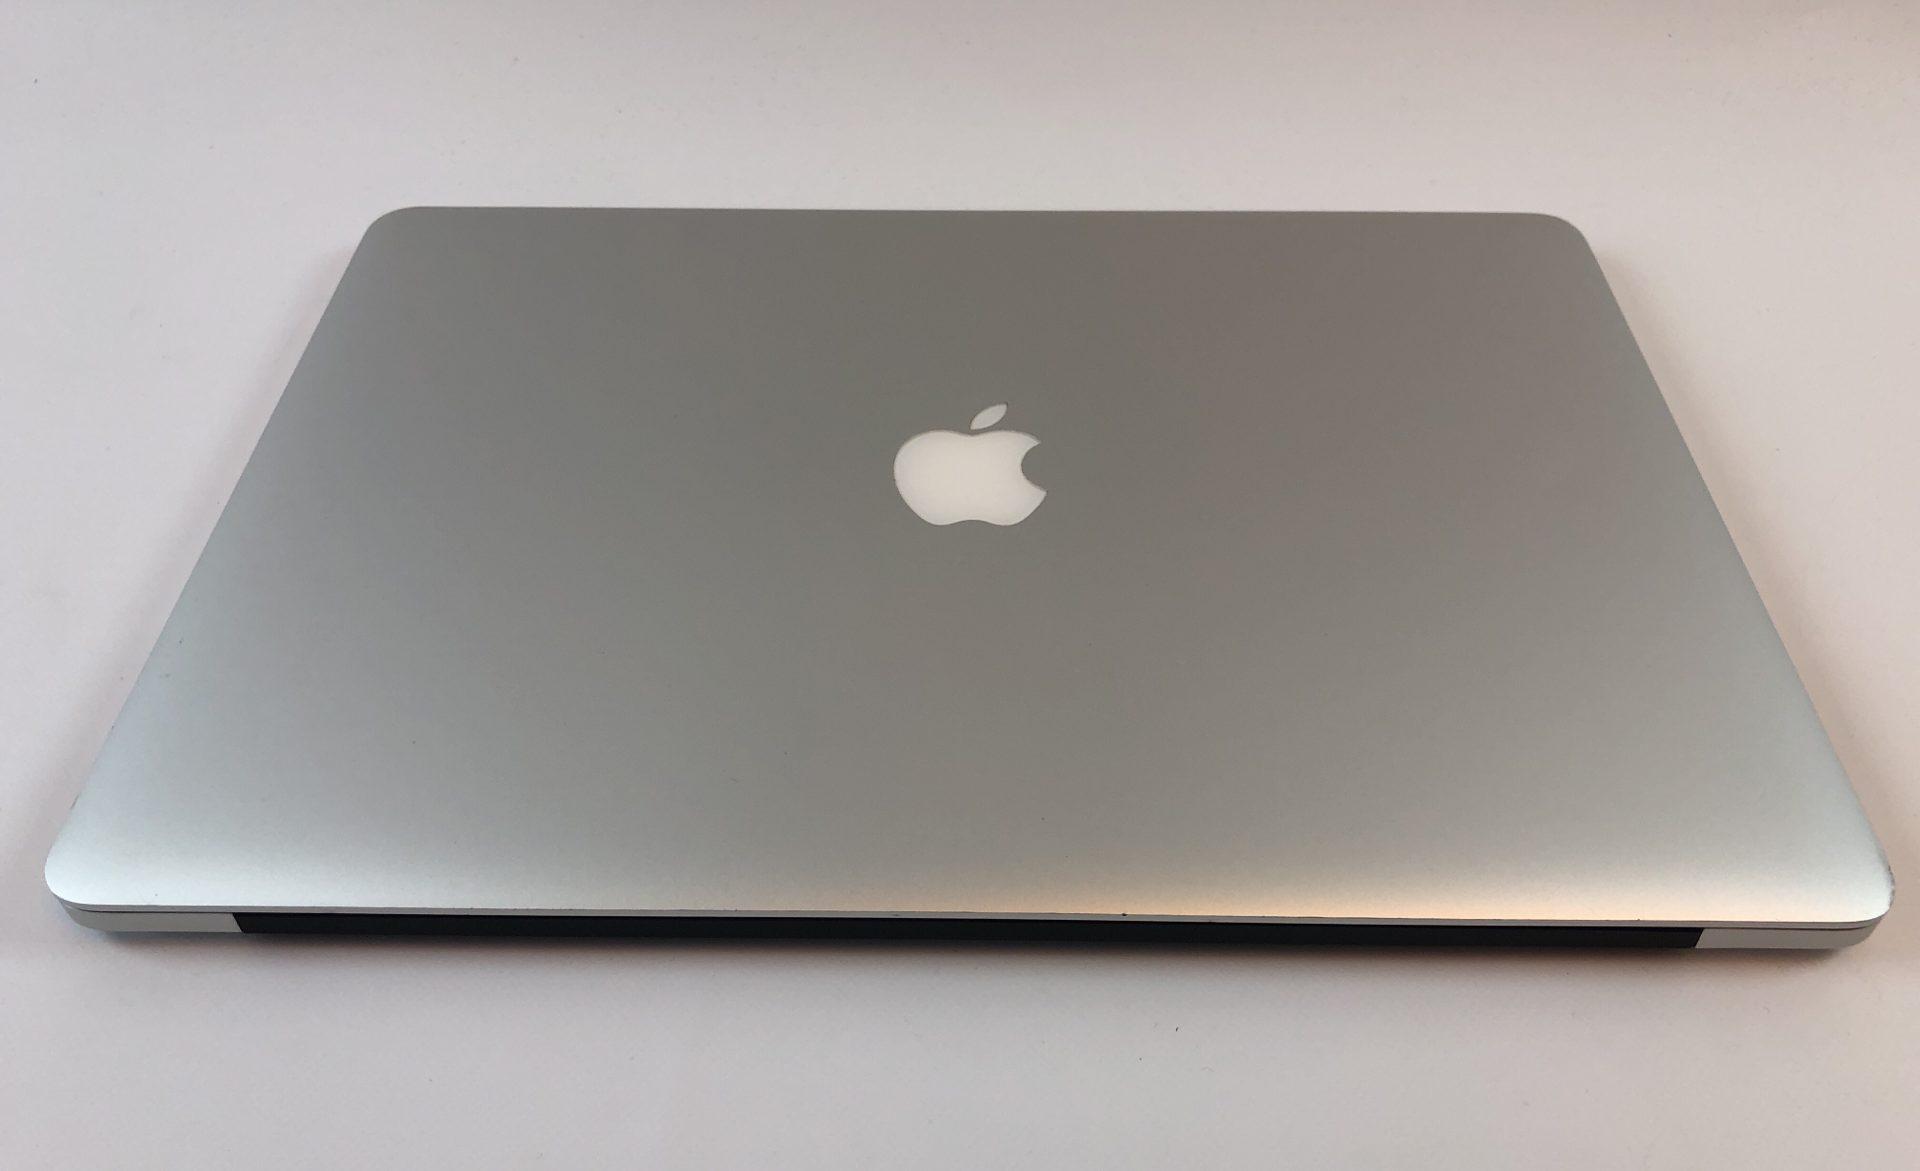 """MacBook Pro Retina 15"""" Mid 2015 (Intel Quad-Core i7 2.2 GHz 16 GB RAM 512 GB SSD), Intel Quad-Core i7 2.2 GHz, 16 GB RAM, 512 GB SSD, Kuva 2"""